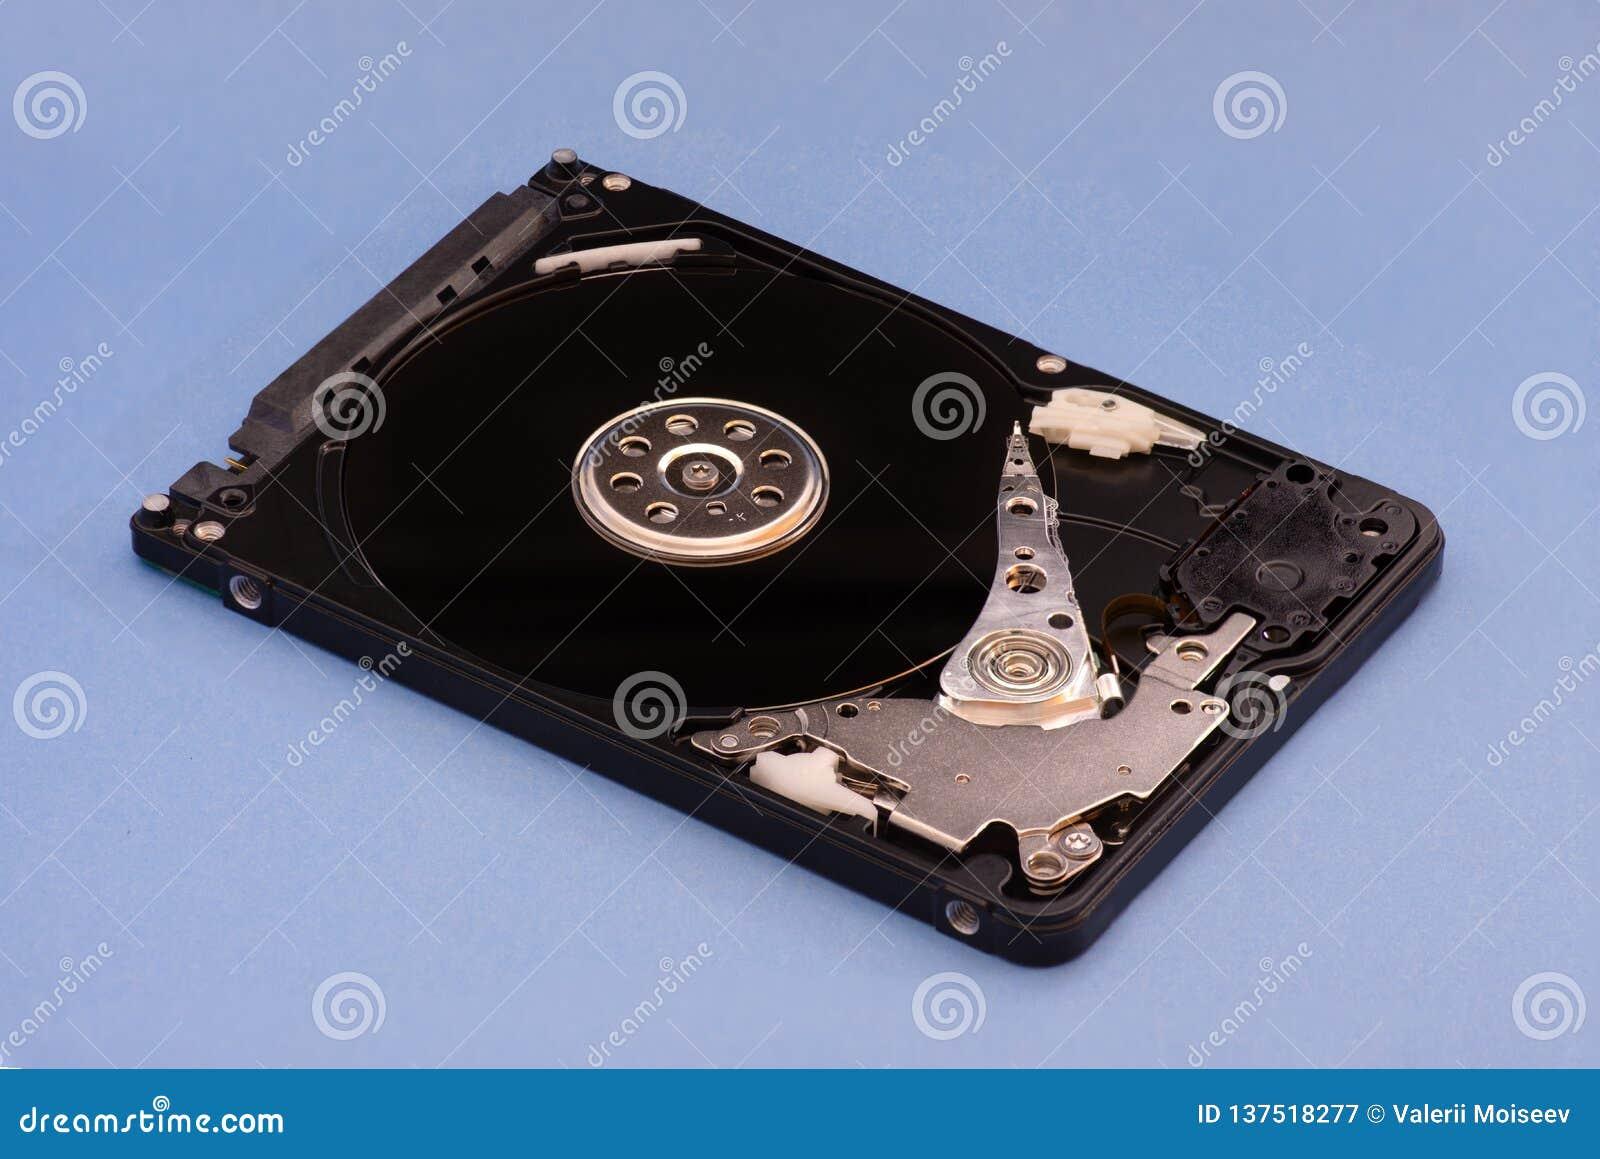 Ανοιγμένος αποσυντεθειμένος σκληρός δίσκος από τον υπολογιστή, hdd με την επίδραση καθρεφτών Στην μπλε ανασκόπηση